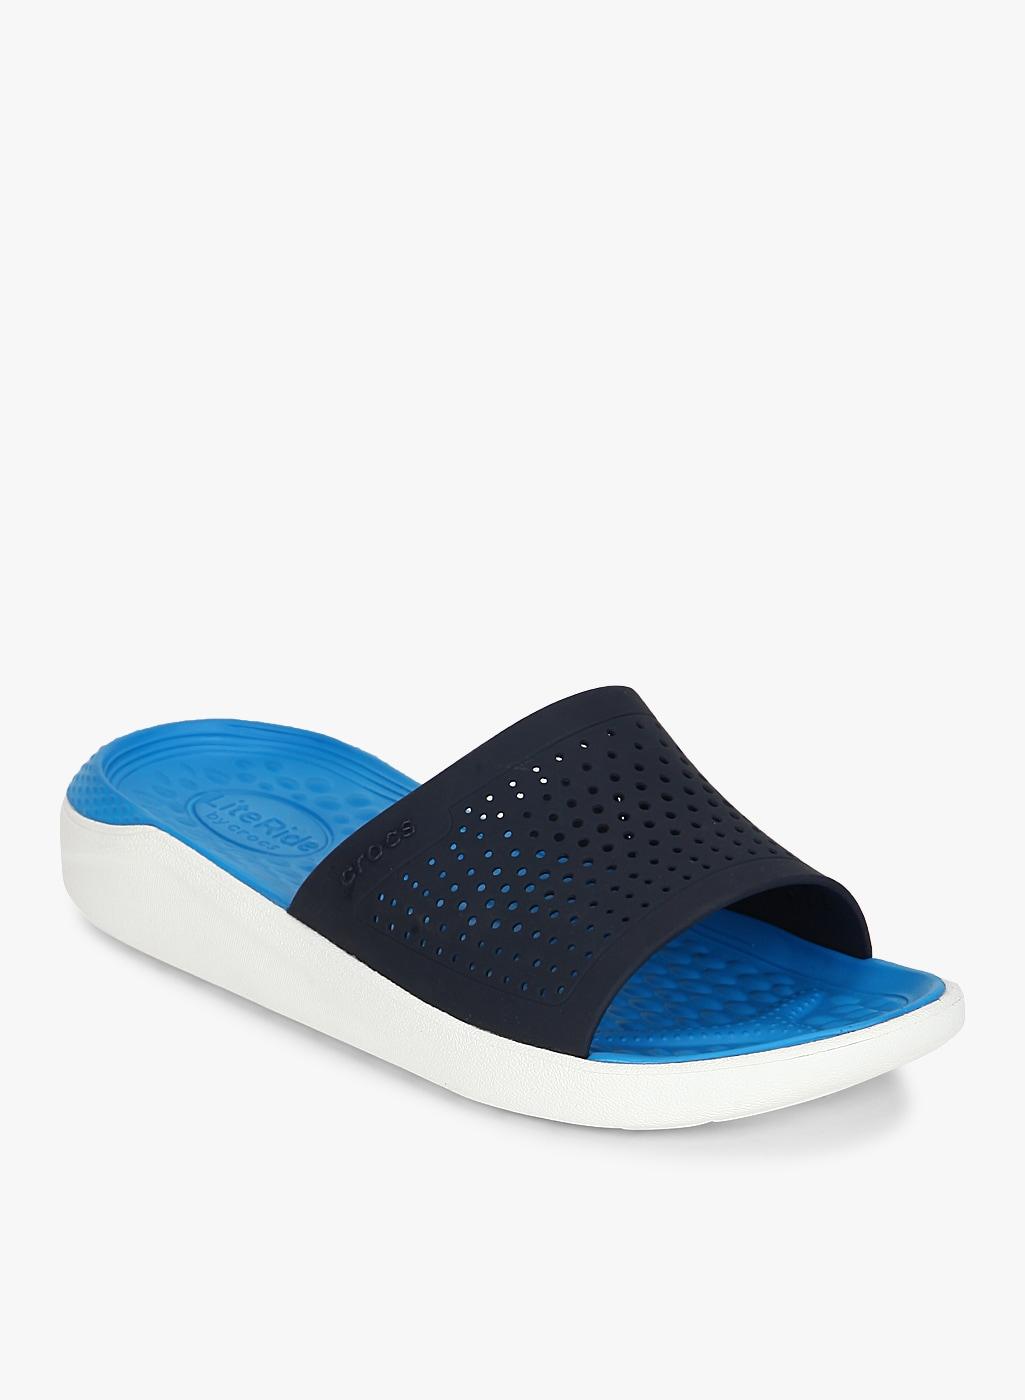 45f613caf87ad Crocs Bayaband Slide Navy Blue Flip Flops for women - Get stylish ...